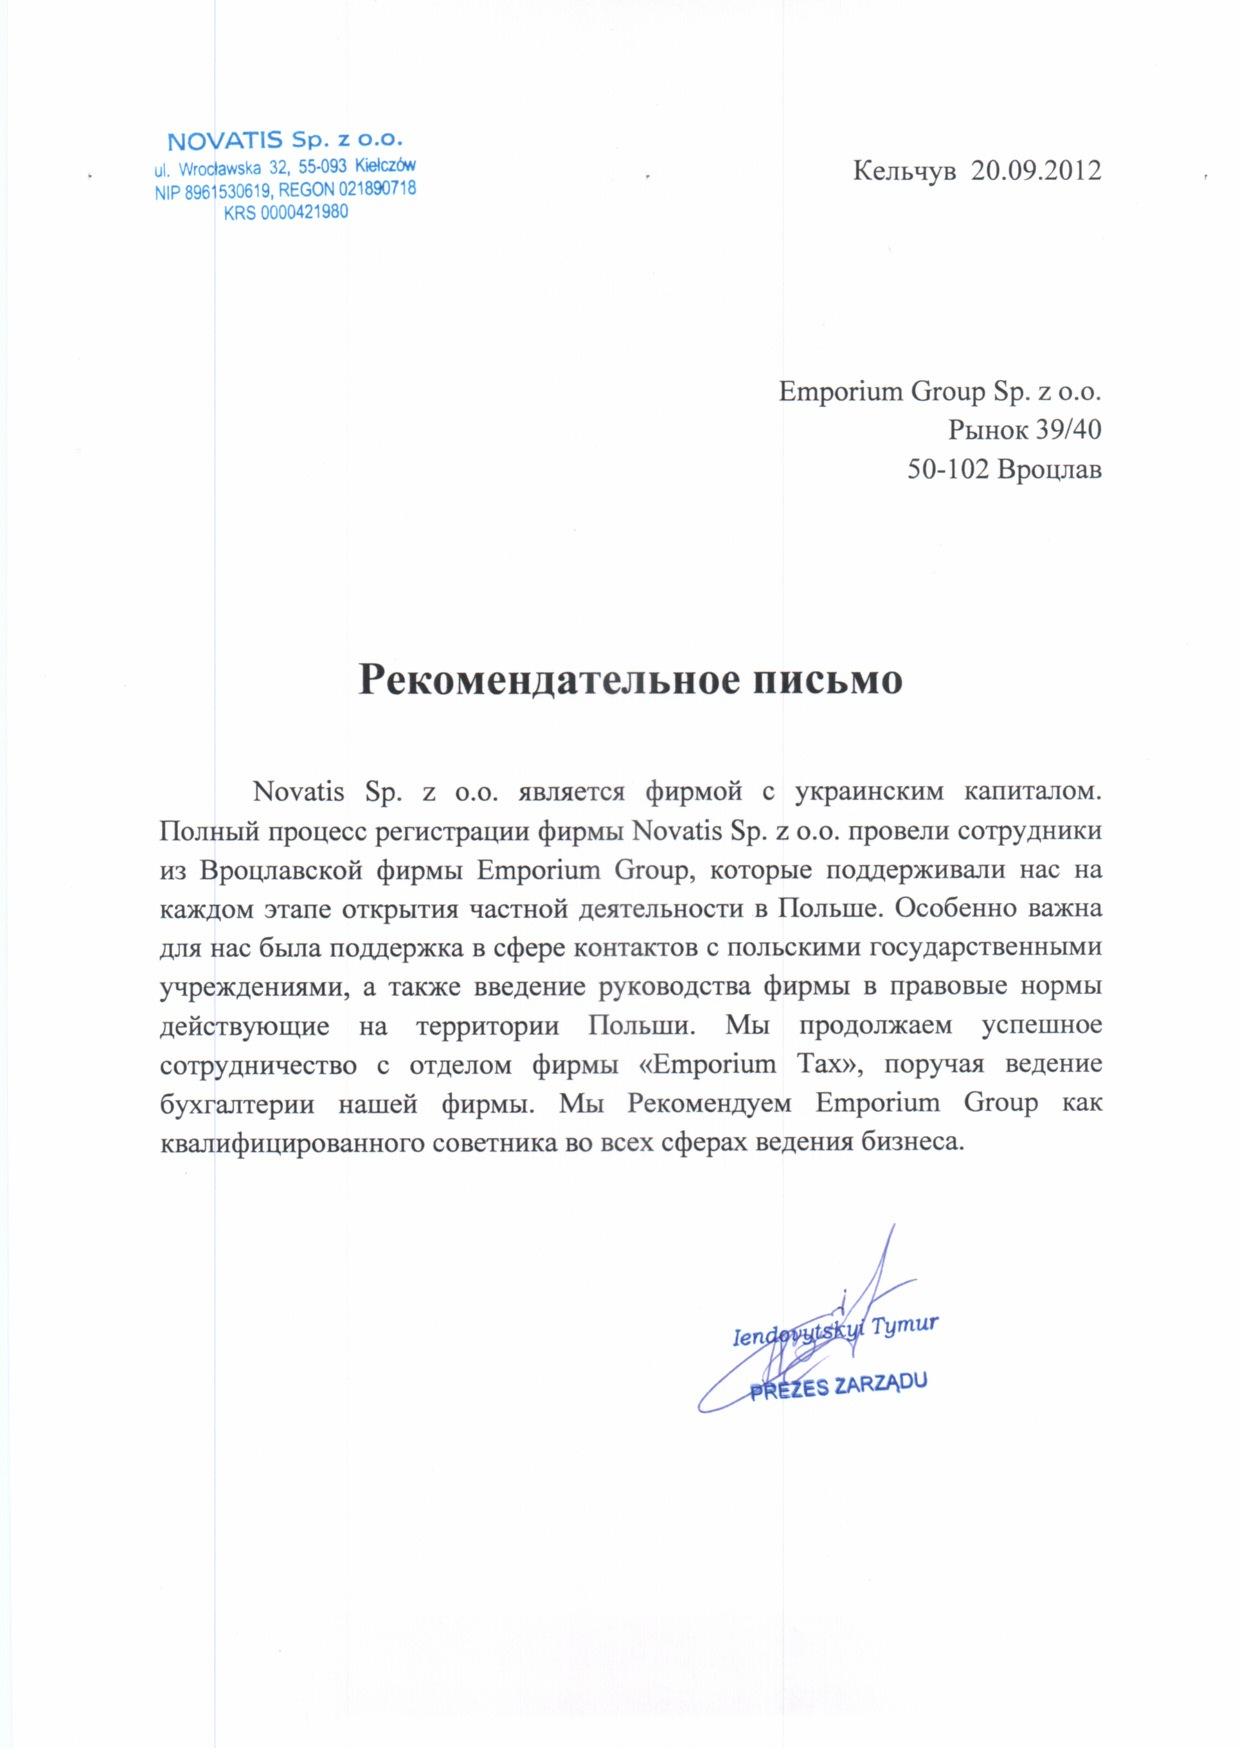 Referencje Novatis RUS